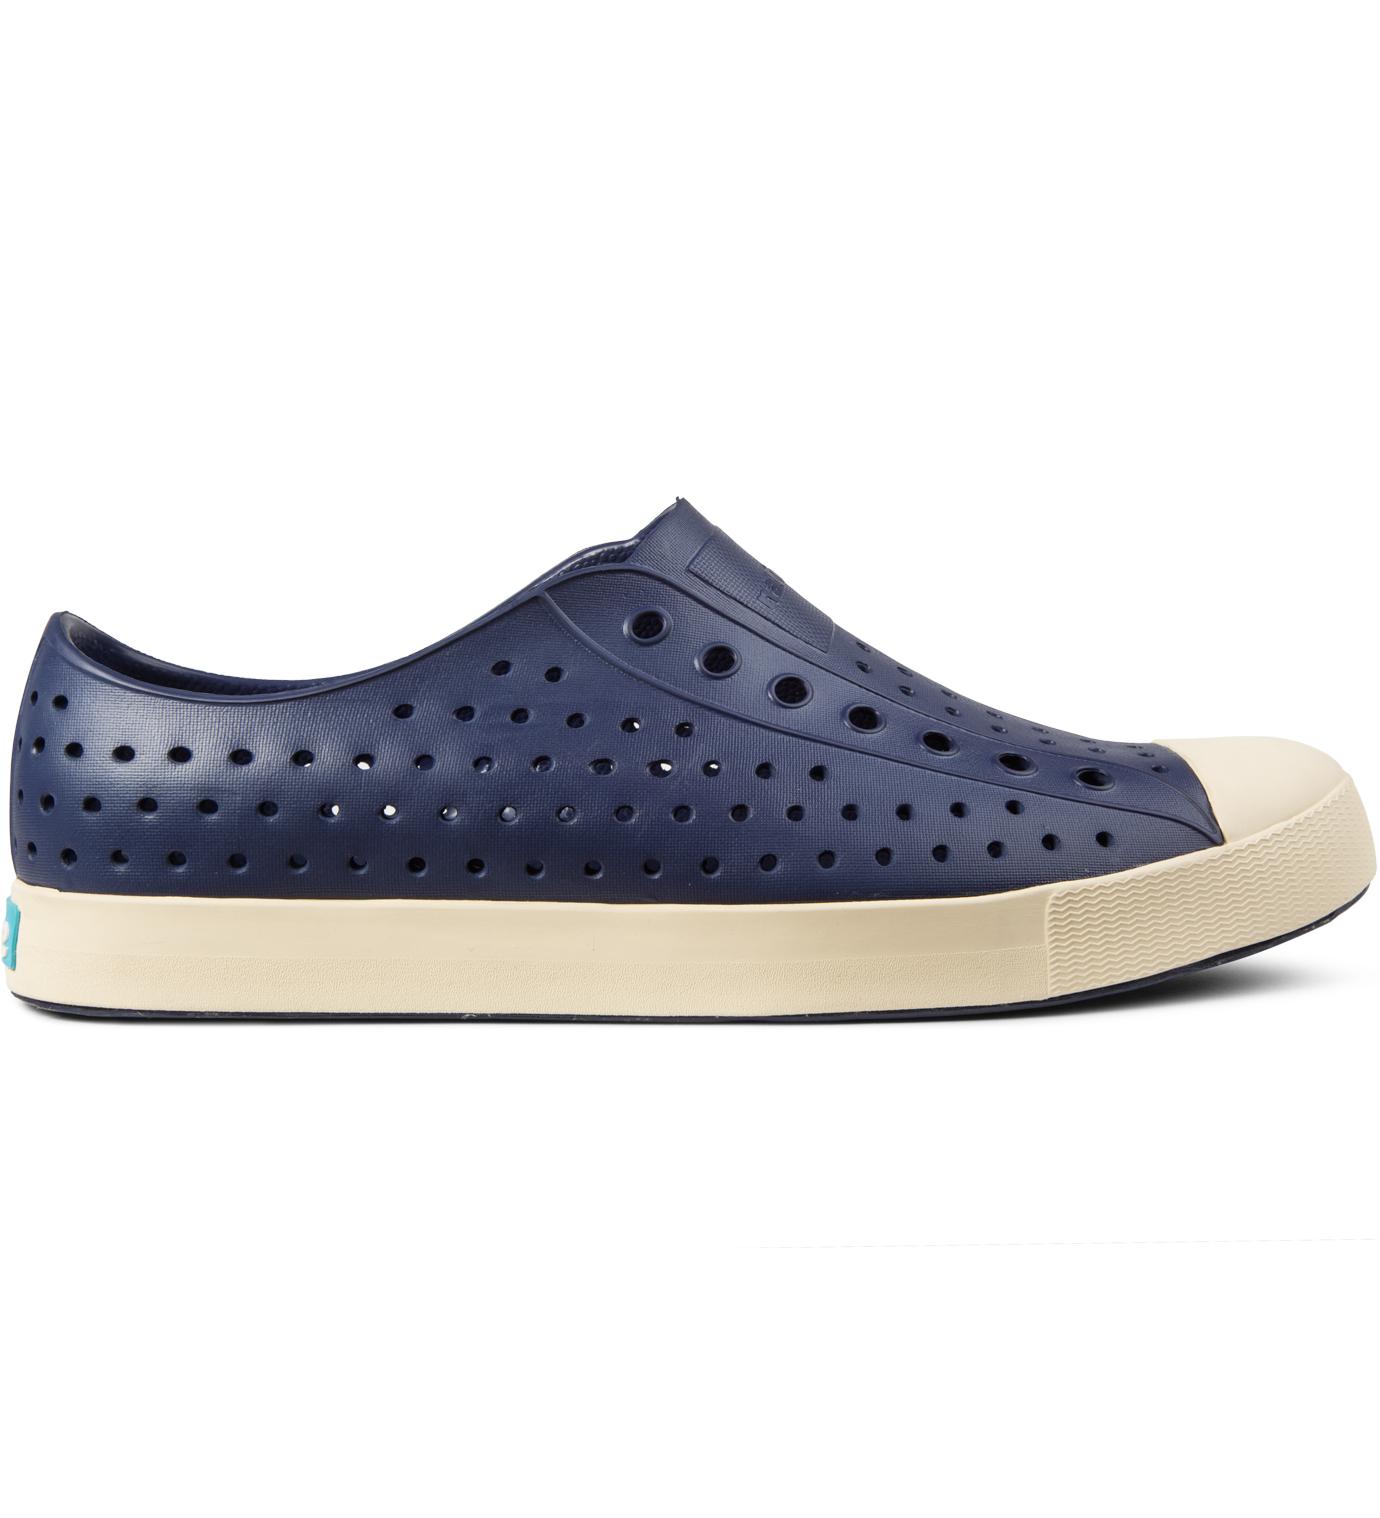 Adidas Regatta Shoes Canada